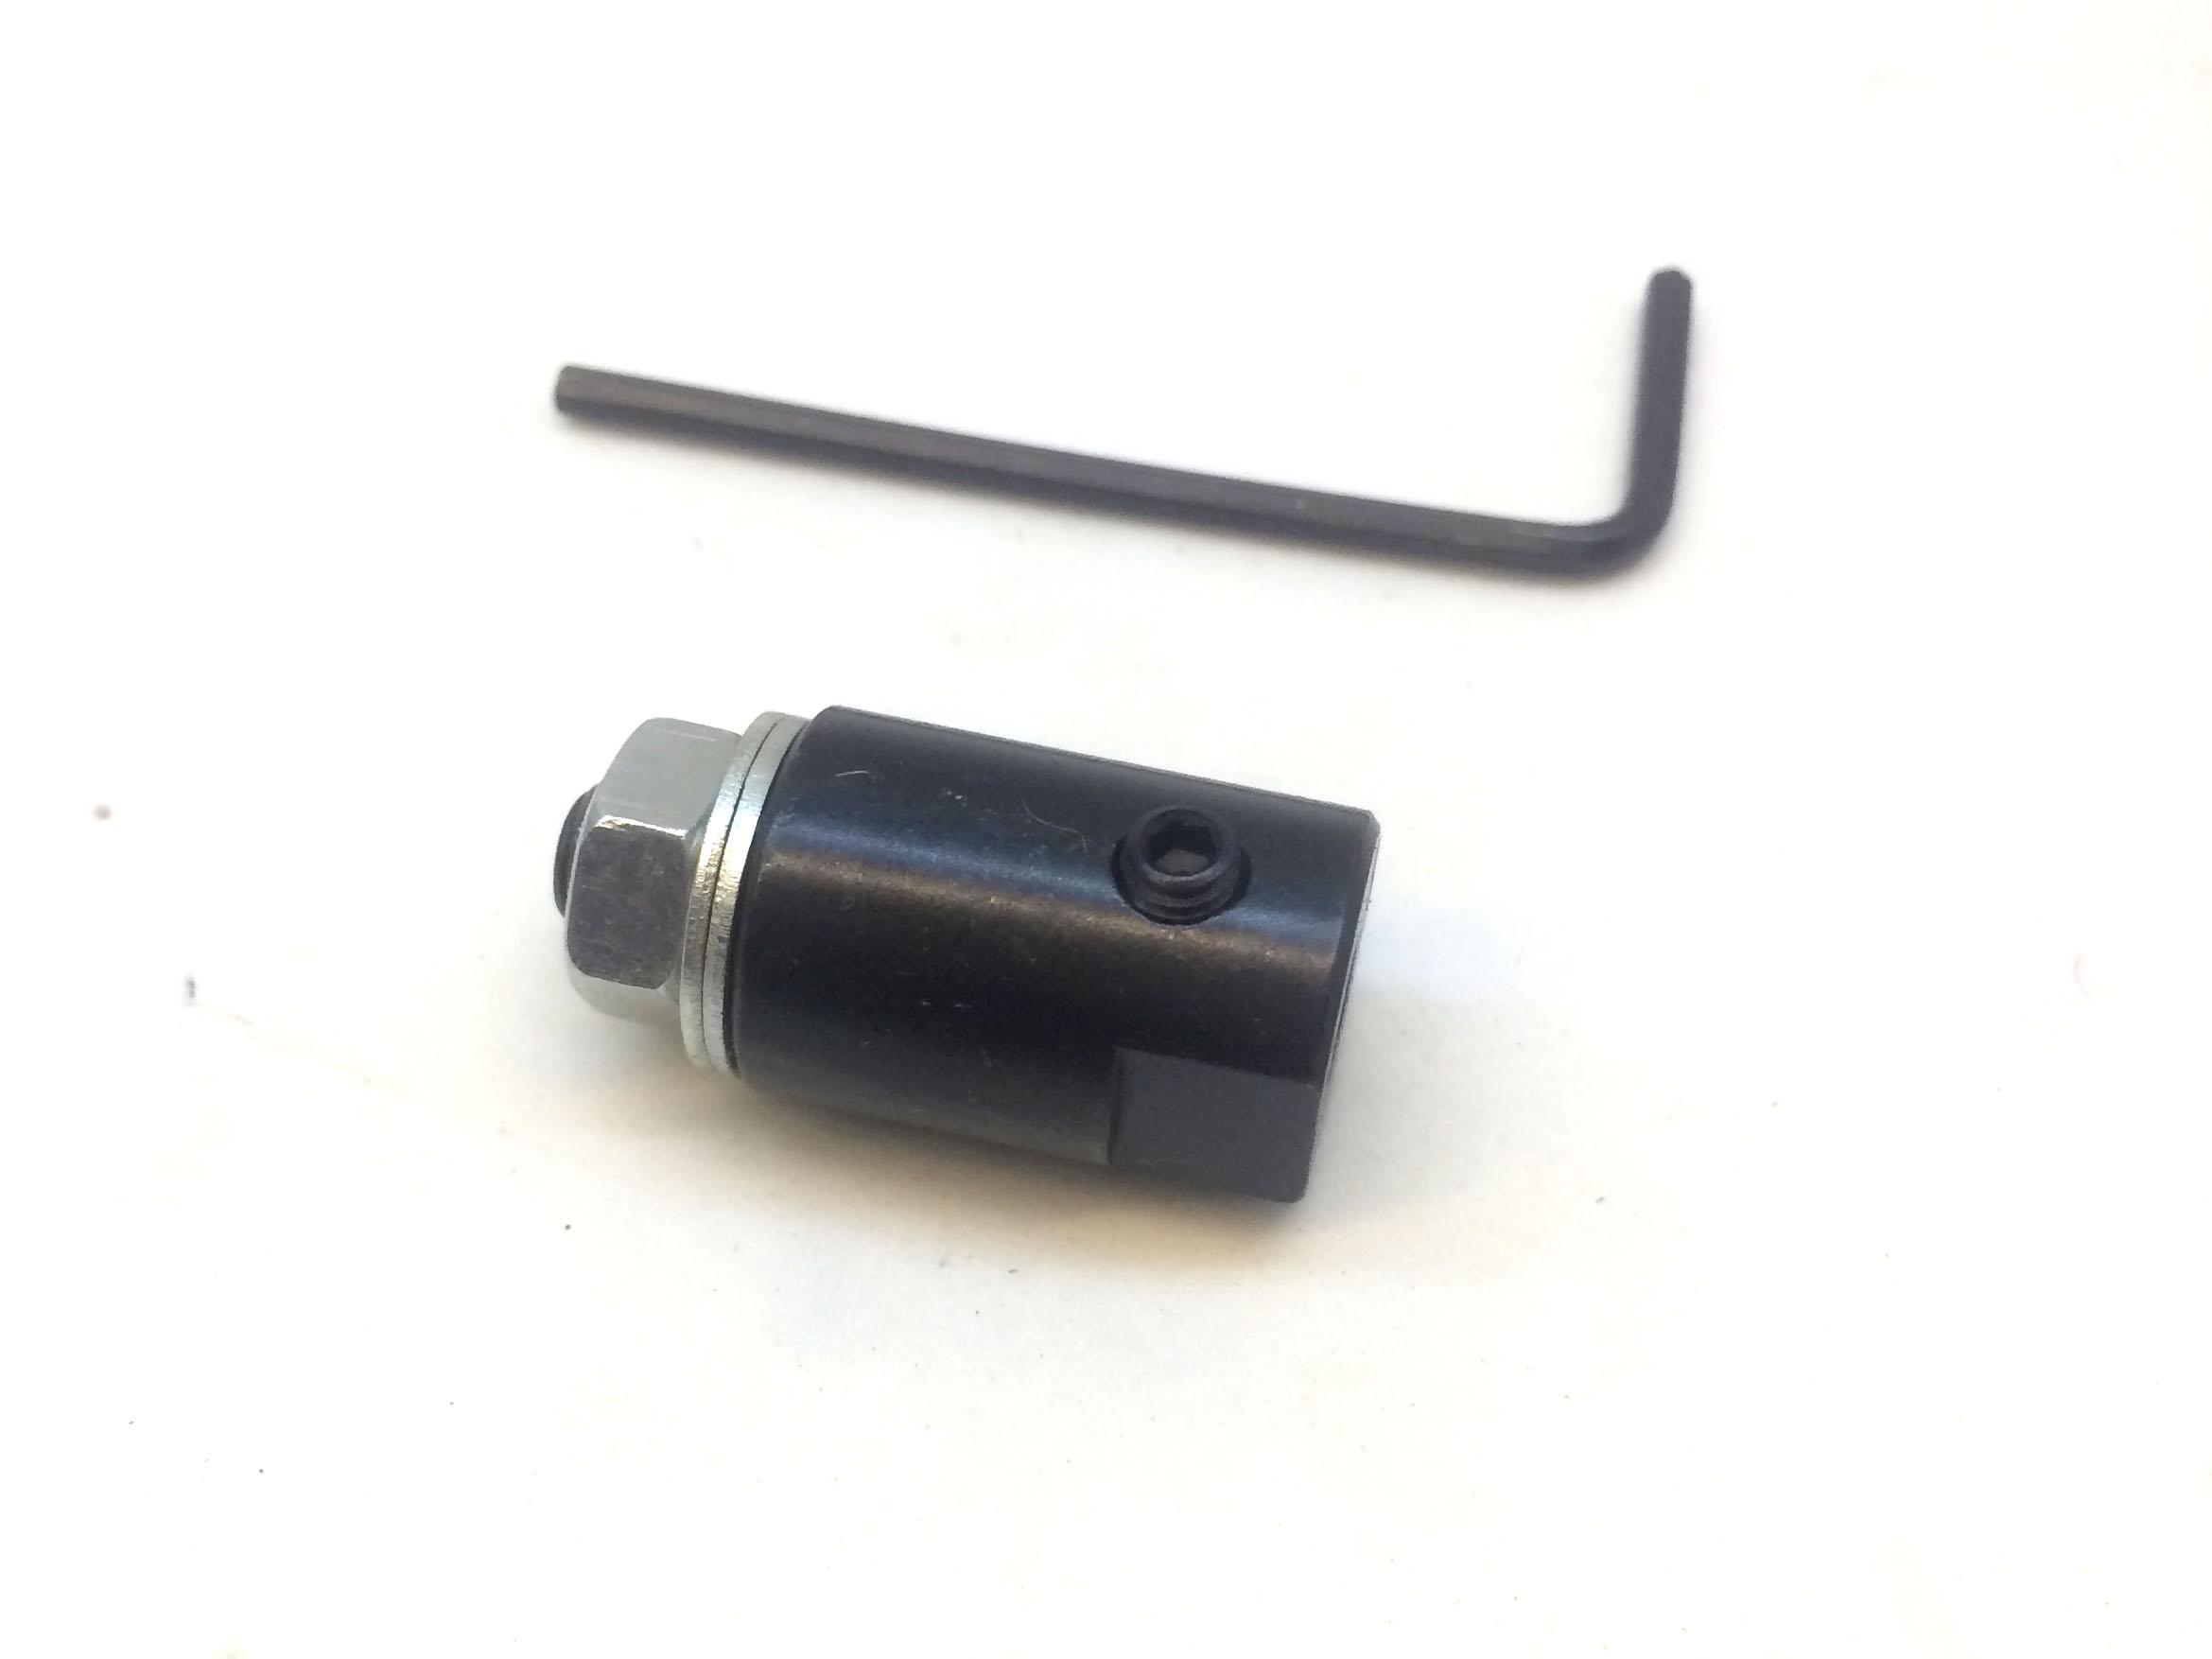 Đầu kẹp lưỡi cắt trục 6mm